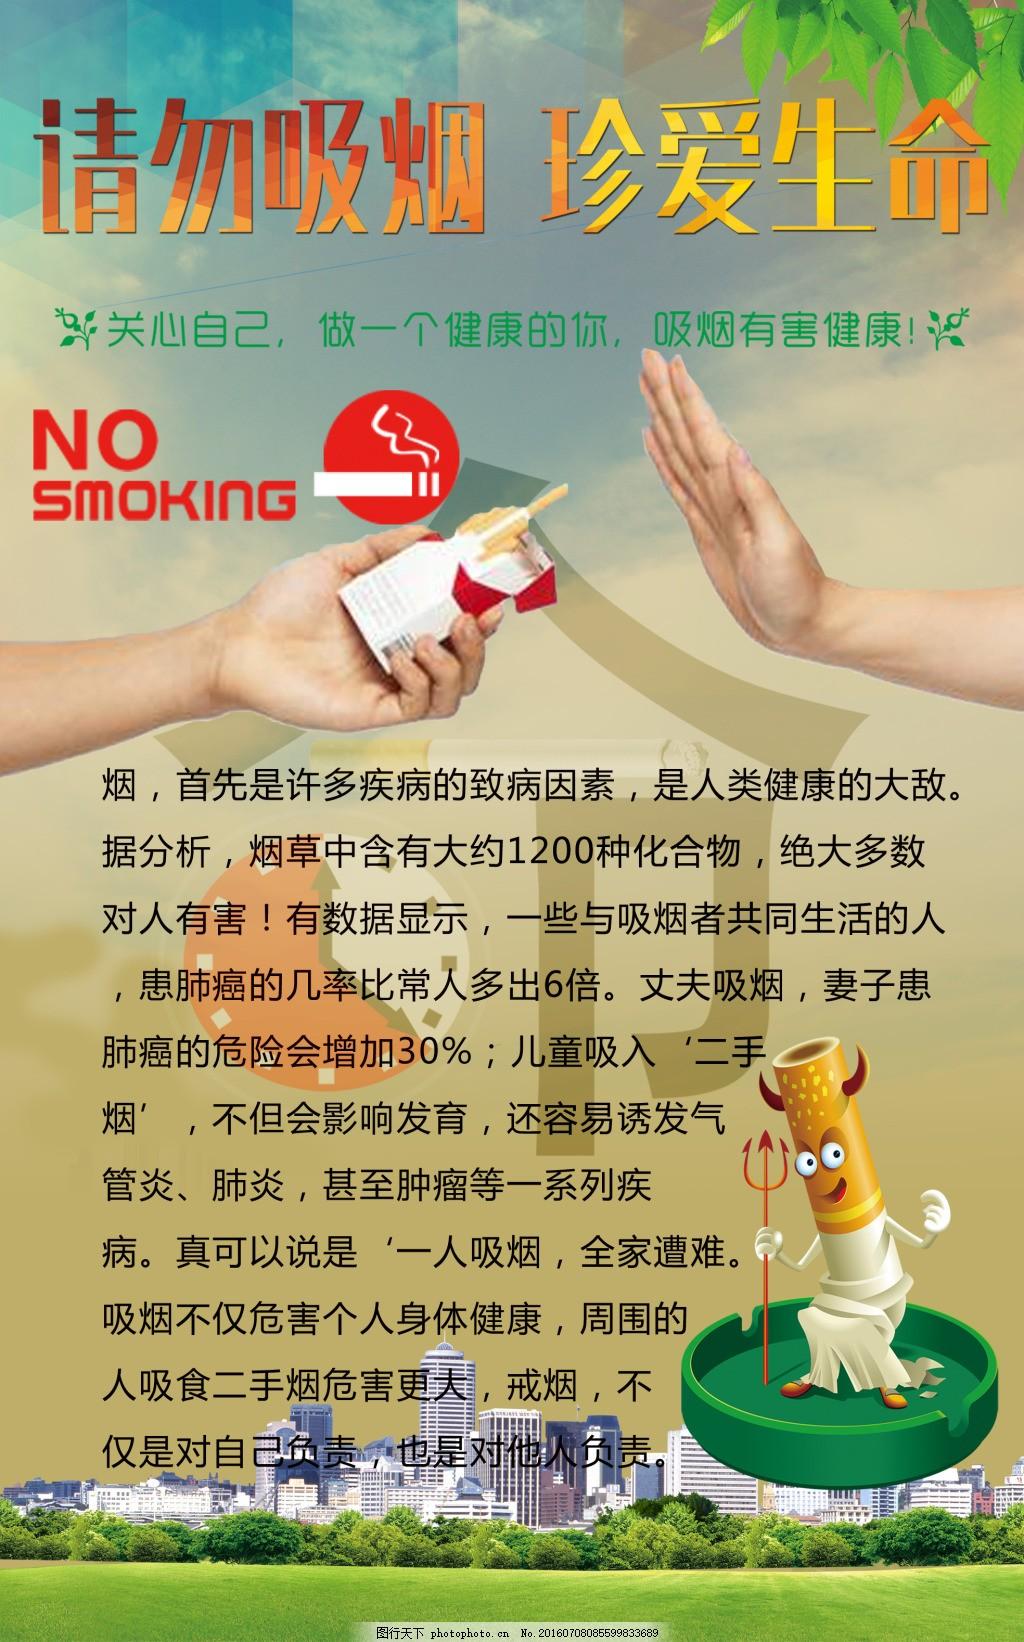 戒烟海报图片